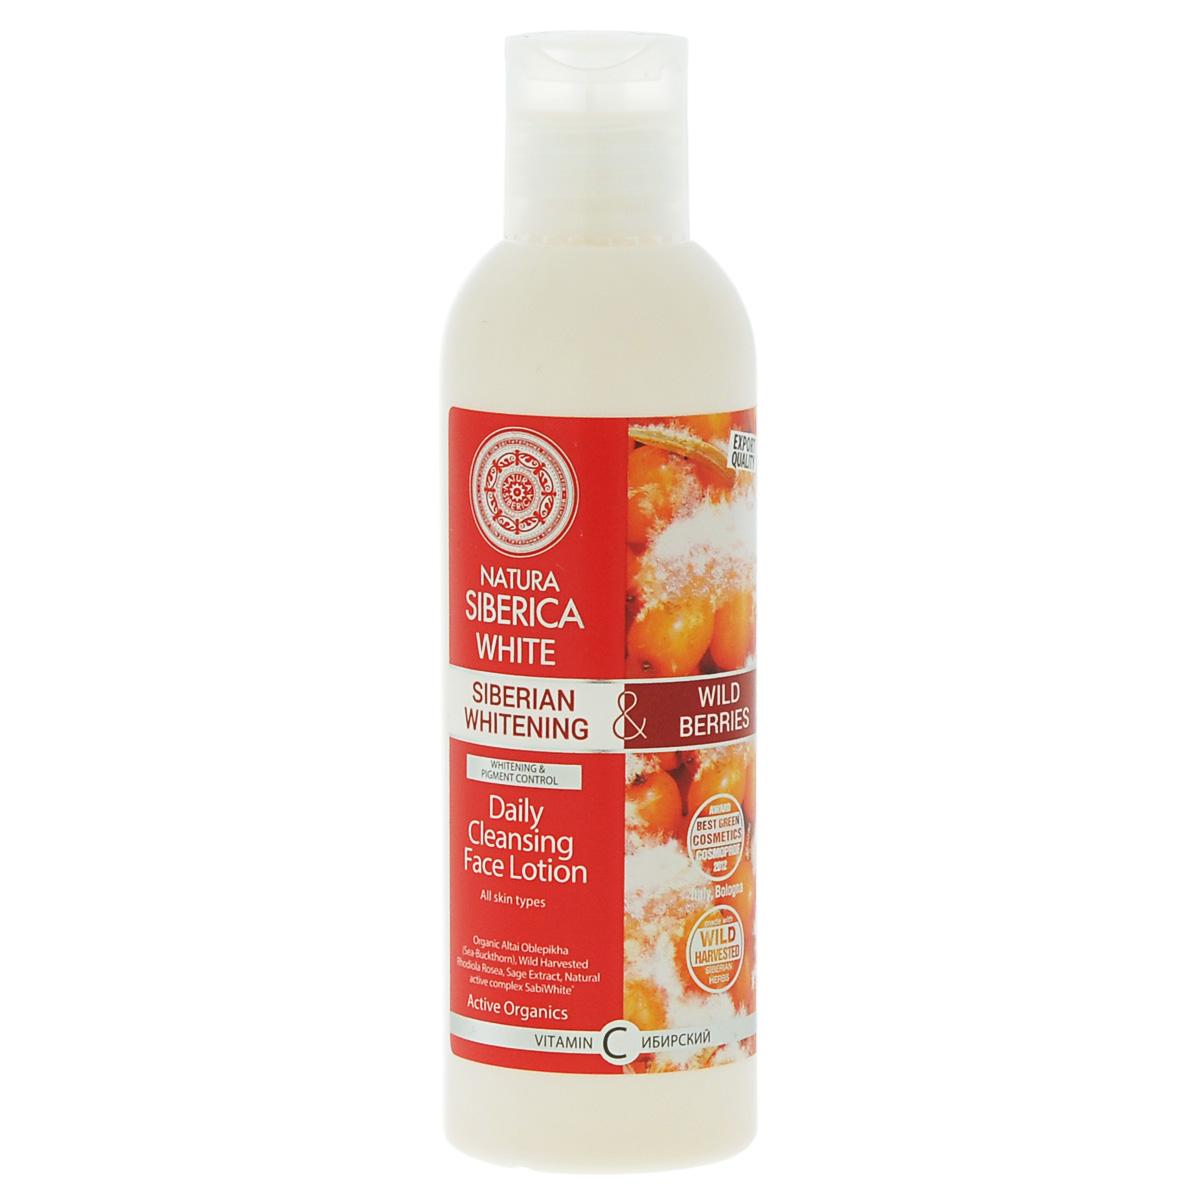 Natura Siberica Отбеливающий лосьон для лица Ежедневное очищение. Облепиха, 200 млFS-54114Natura Siberica Отбеливающий лосьон для лица Ежедневное очищение, 200мл Облепиха. Алтайская облепиха – это исключительный источник витаминов, амино-кислот, Омега - 3,6,9 и редкой Омега – 7, которые отвечают за здоровье и красоту кожи. Облепиха увлажняет, смягчает кожу, осветляя возрастные пятна и веснушки, борется с морщинами и прочими несовершенствами кожи. WH Родиола розовая оказывает омолаживающее действие на кожу, стимулирует обменные процессы, усиливает защитные функции кожи и устойчивость к окружающим факторам и насыщает кожу витаминами. Она смягчаяет и выравнивает кожу и способствует ее омоложению. Шалфей снимает раздражение, смягчает кожу и улучшает ее внешний вид. SabiWhite®- запатентованный натуральный активный экстракт из корня куркумы, обладающий подтвержденными осветляющими свойствами:•Визуально осветляет гиперпигментацию;•Осветляет/убирает веснушки, акне и прочие несовершенства кожи;•Заметно осветляет тон кожи;•Значительно улучшает эластичность кожи;•Глубоко питает кожу, придавая ей сияние и ровный тон